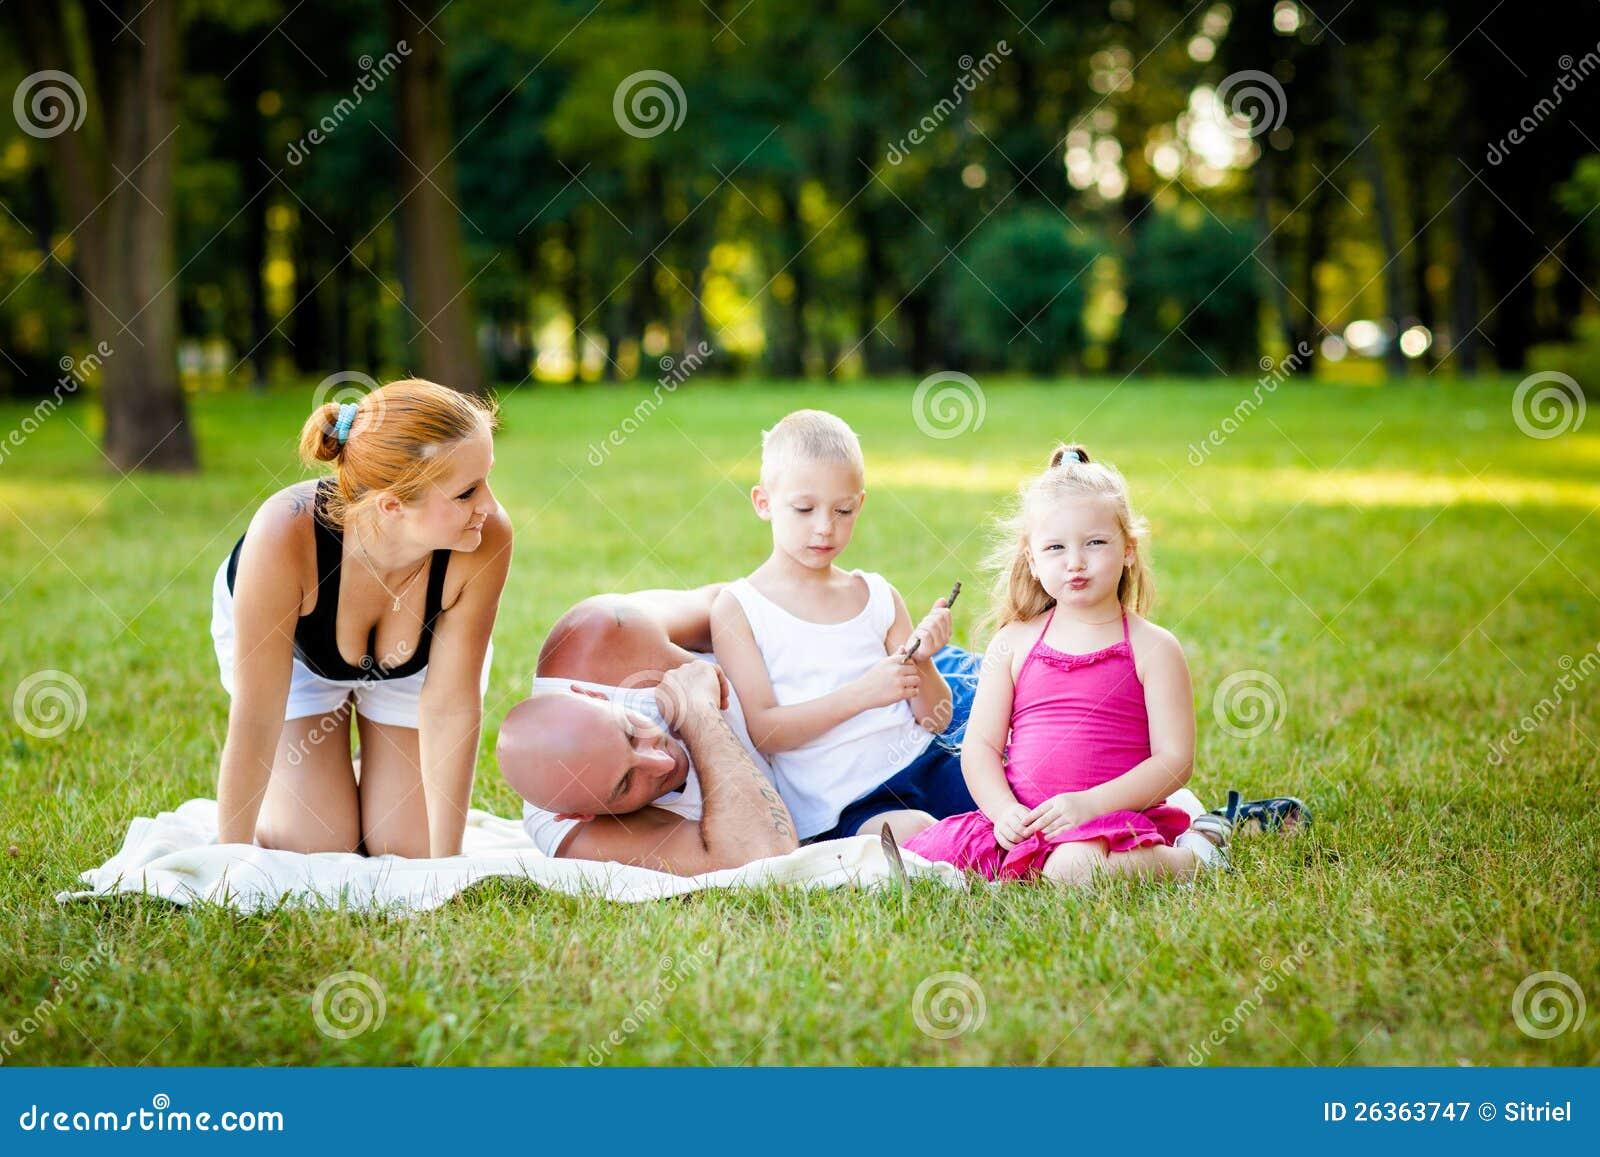 Ευτυχής οικογένεια σε ένα πάρκο